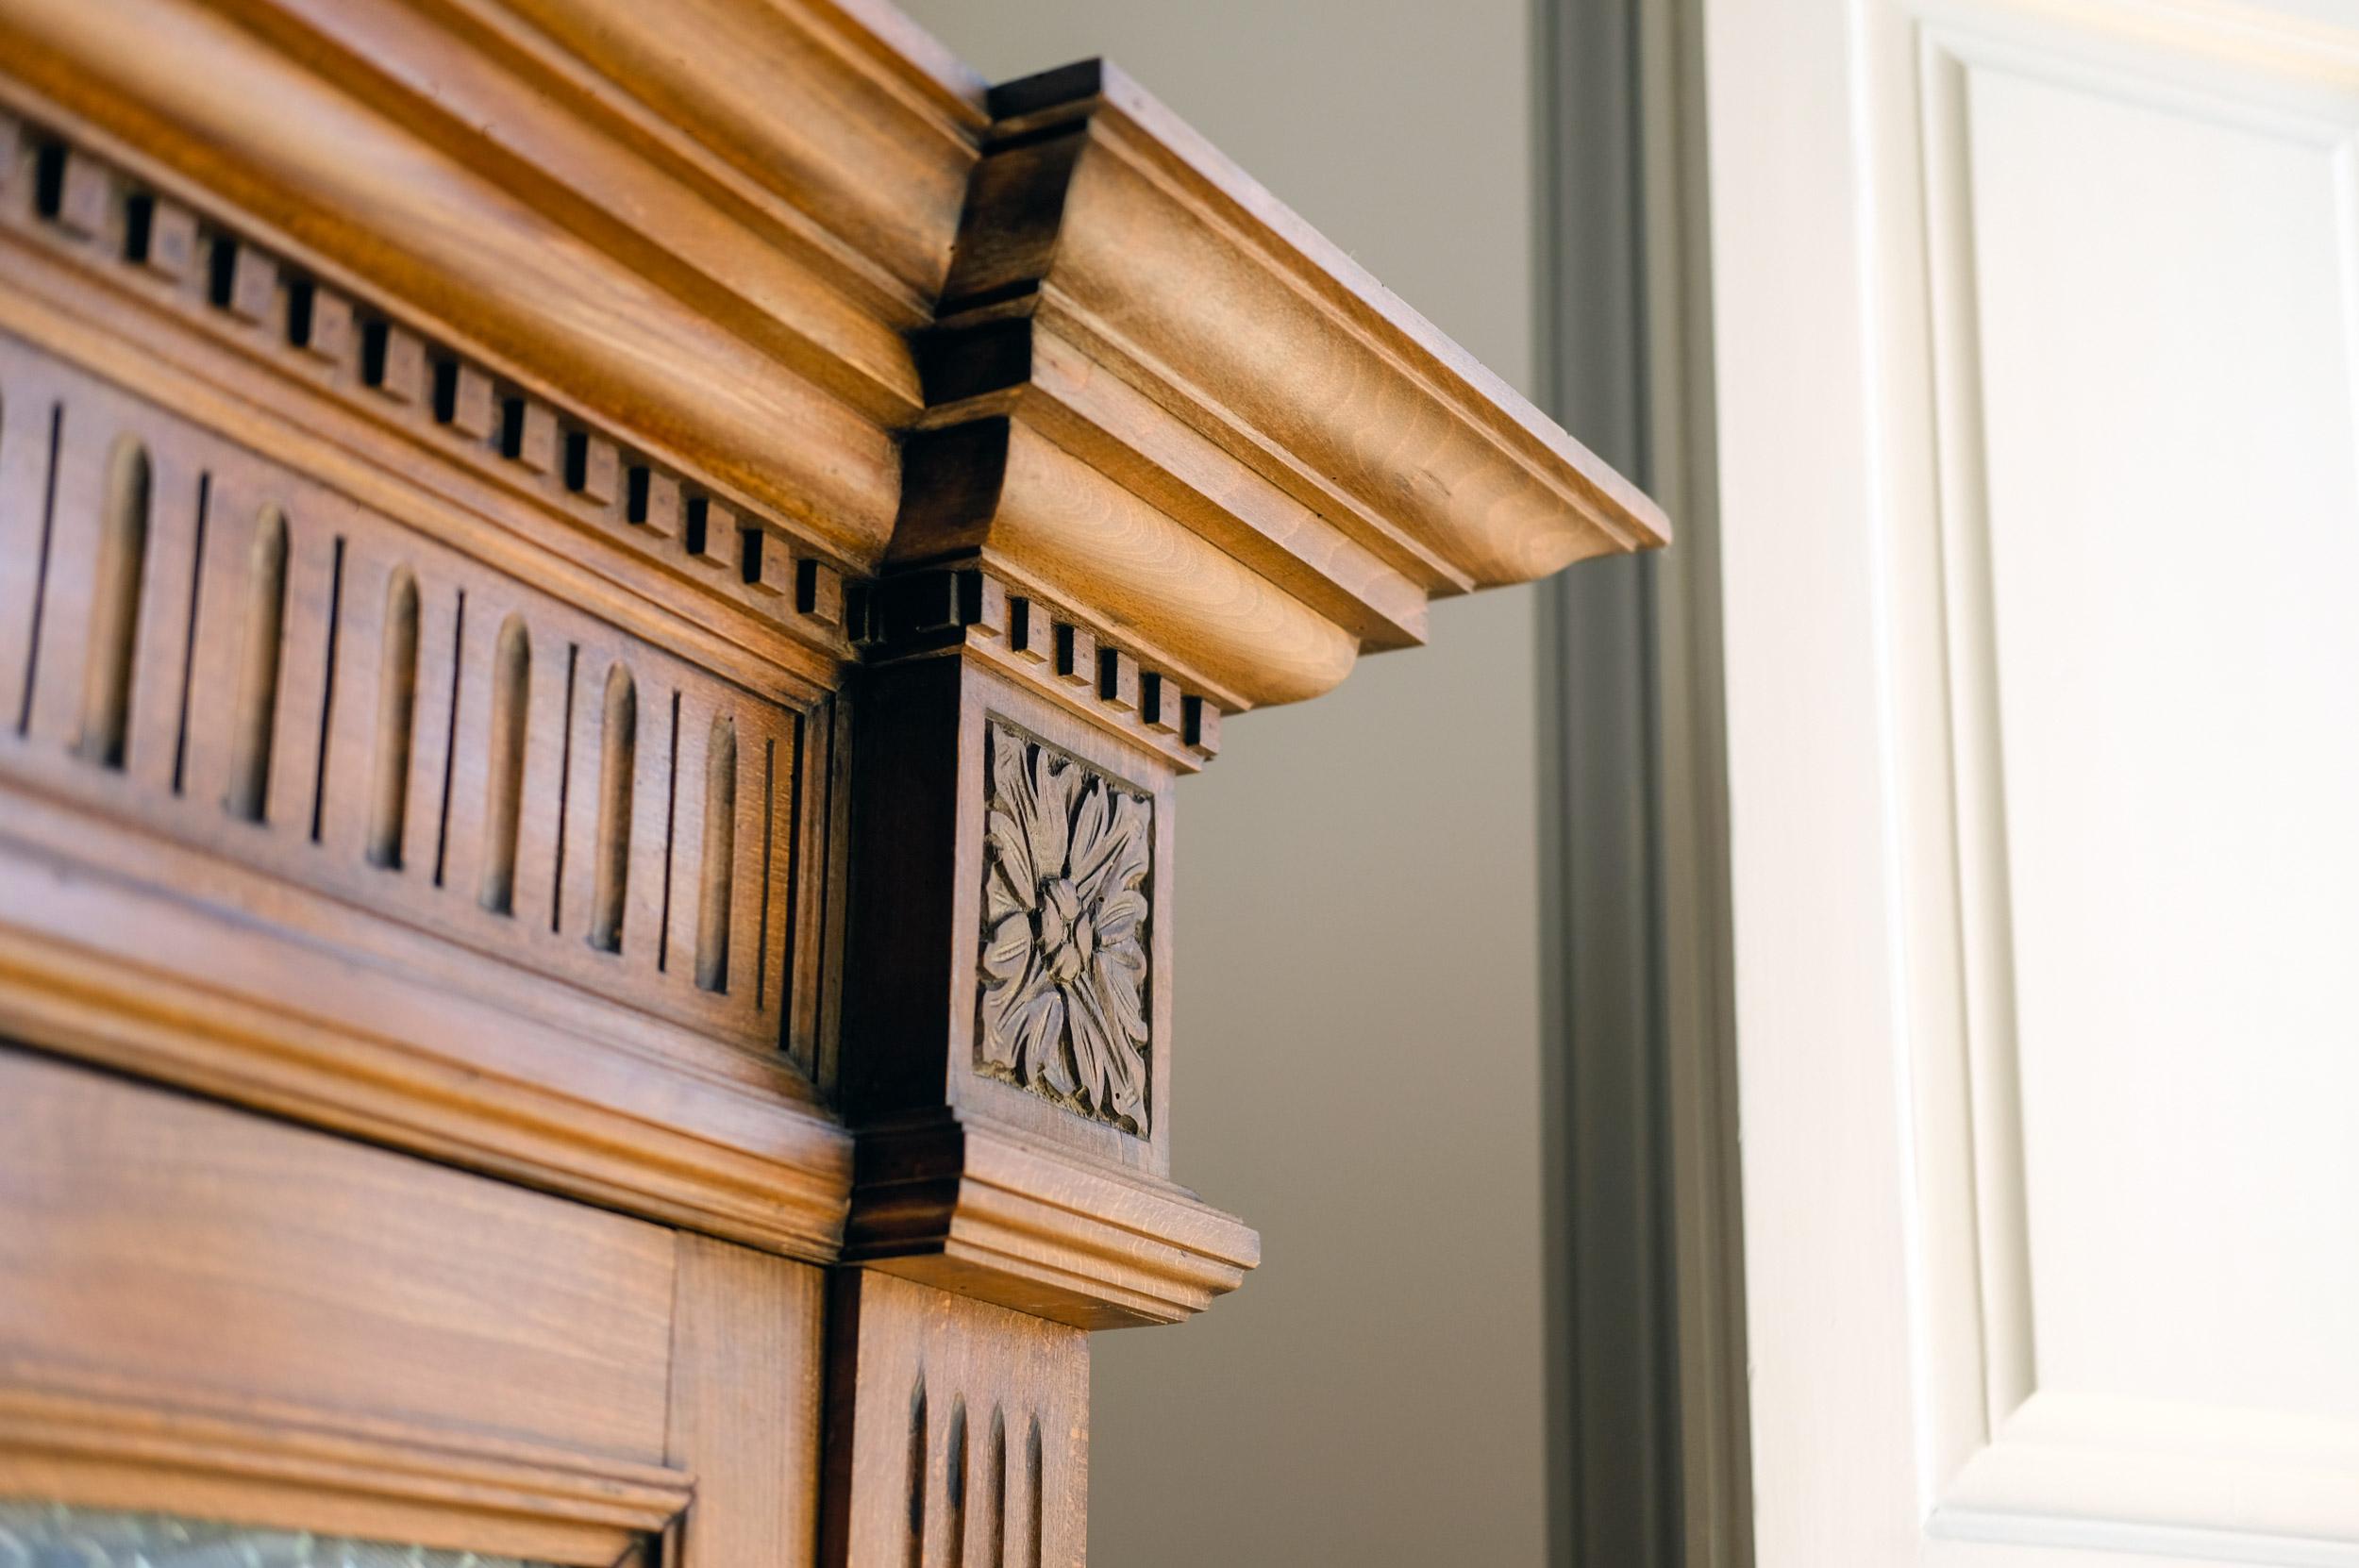 dettaglio-angolo-mobile-in-legno